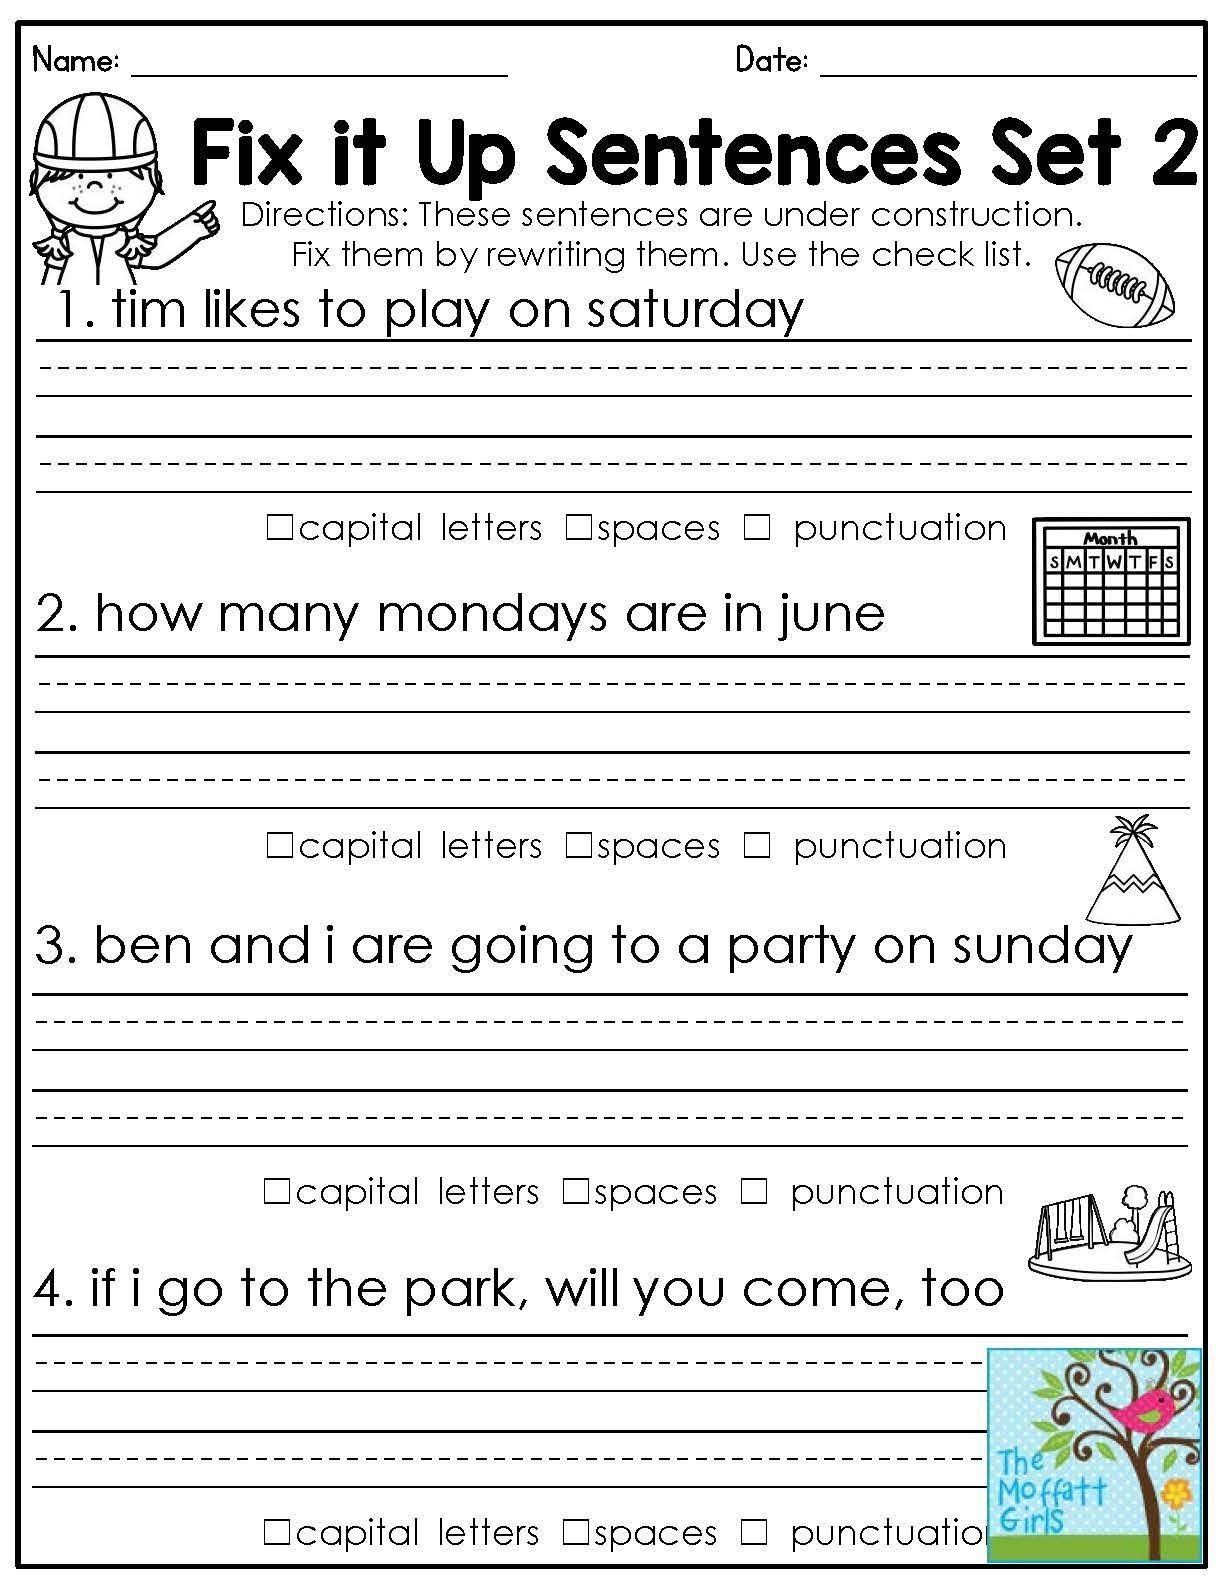 6 General Proofreading Worksheets 2nd Grade In 2020 2nd Grade Worksheets Third Grade Grammar Worksheets Punctuation Worksheets